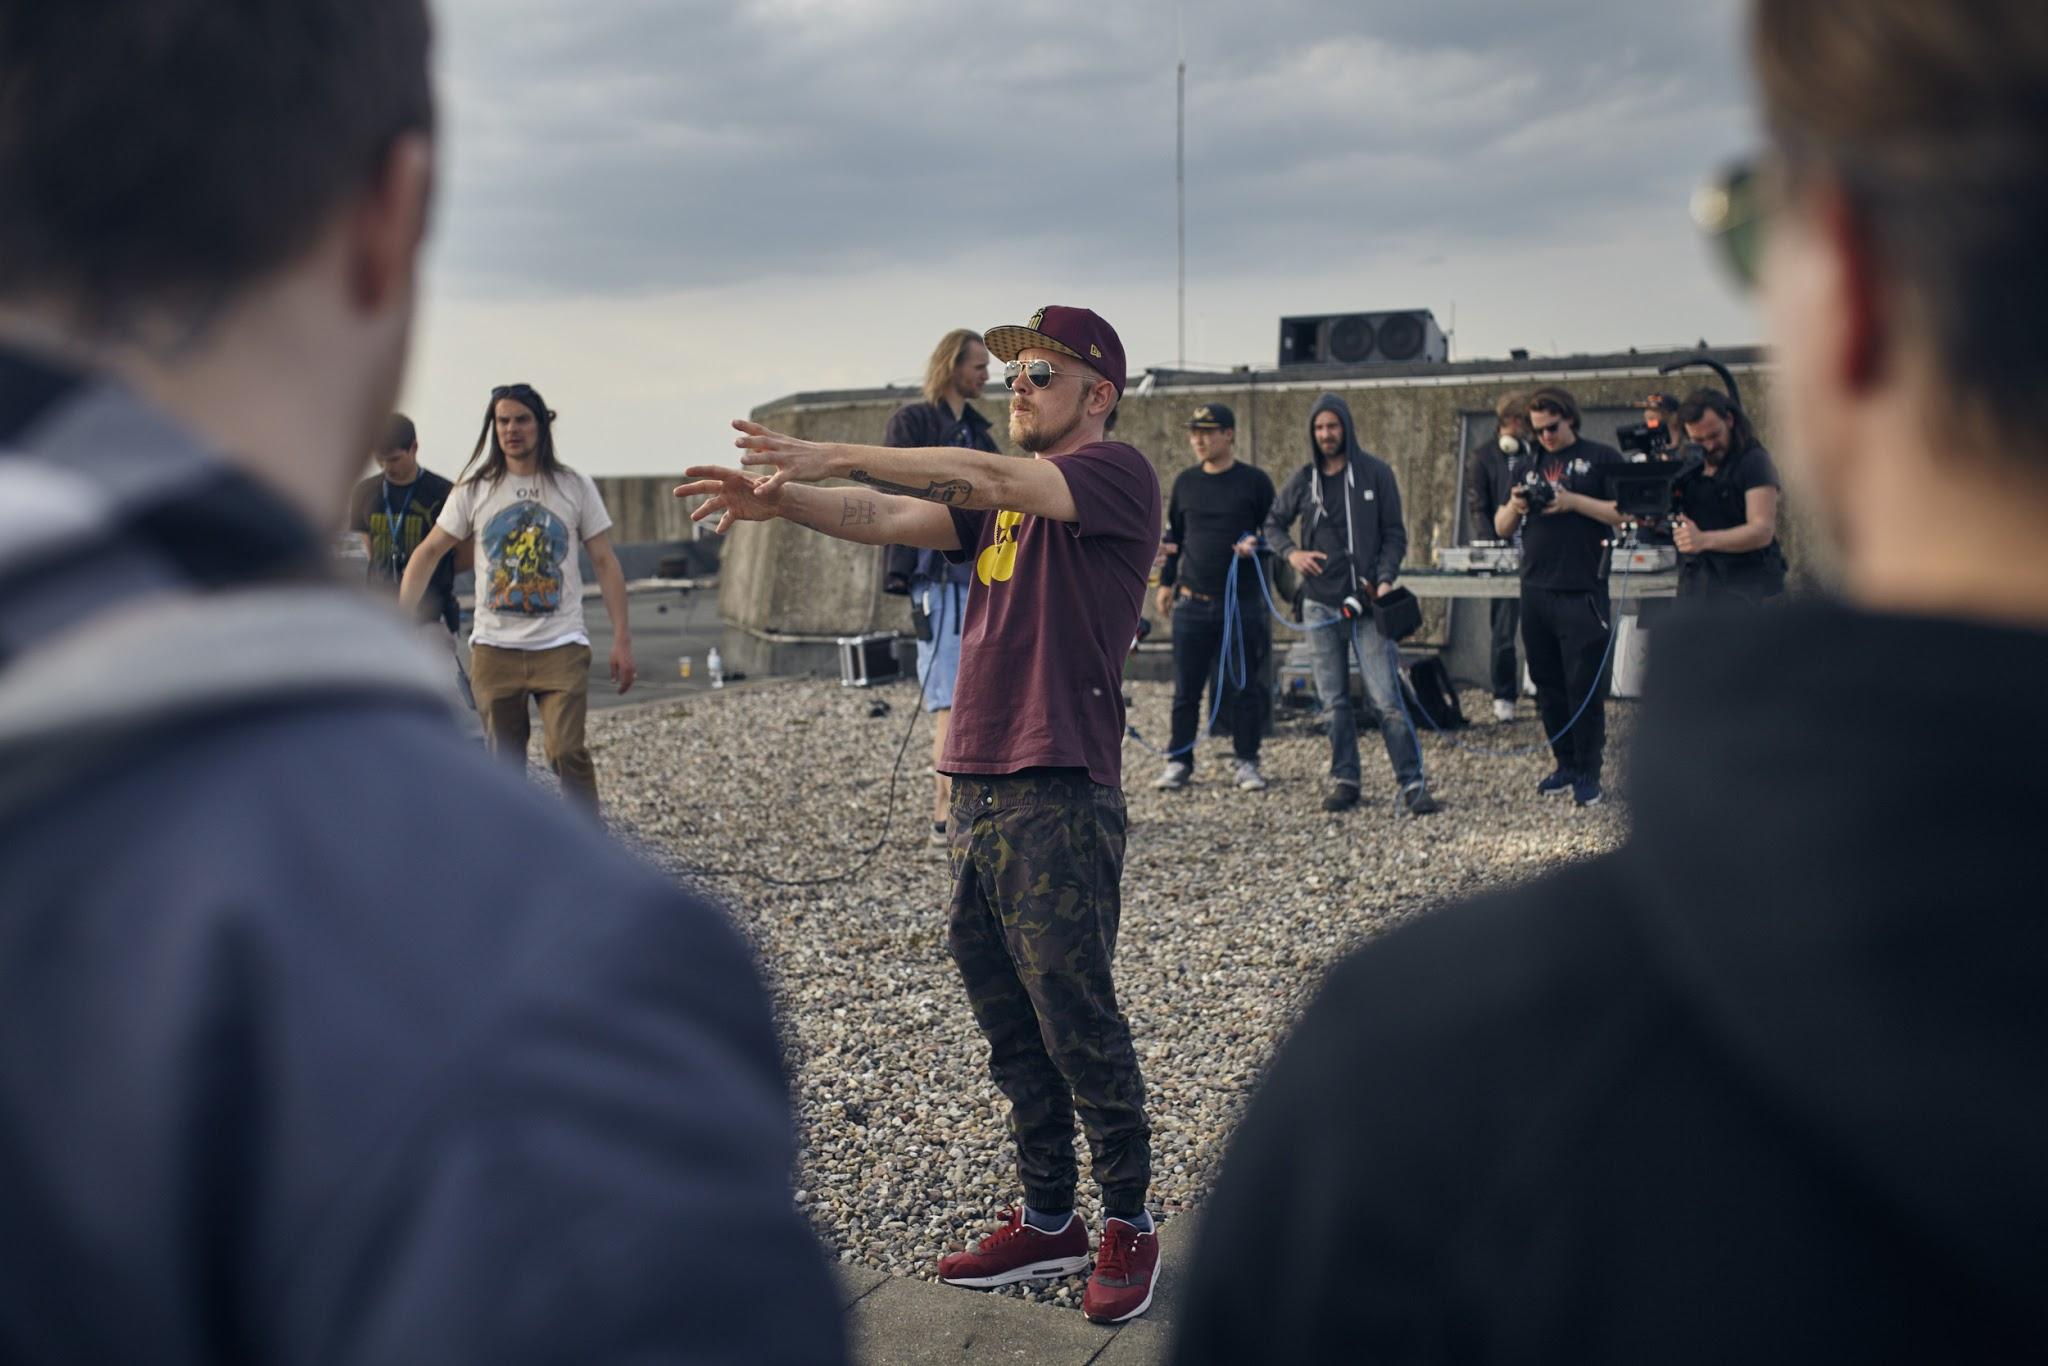 Backstage Fotos zum neuen Beginner Videodreh | HipHop Klassentreffen in Hamburg fotografiert von Martin Sass